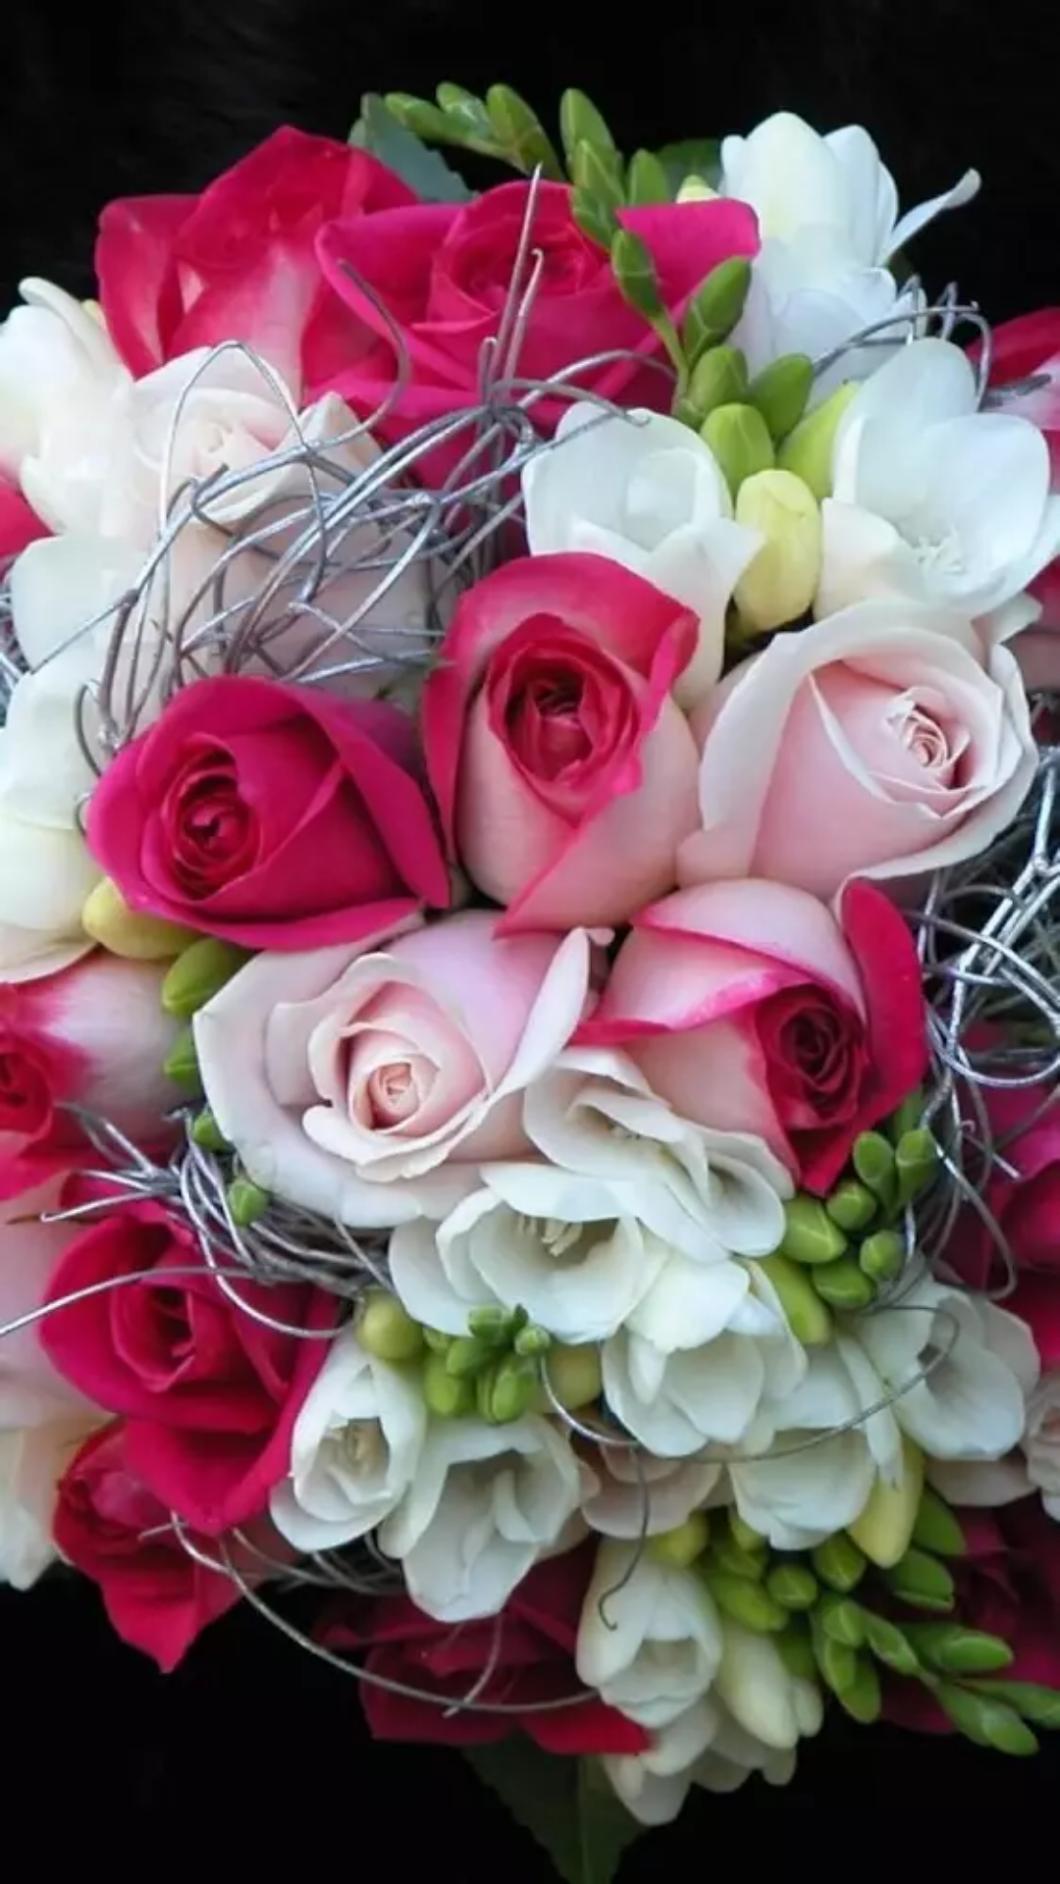 может очень красивый букет цветов смотреть в картинках независимо времени